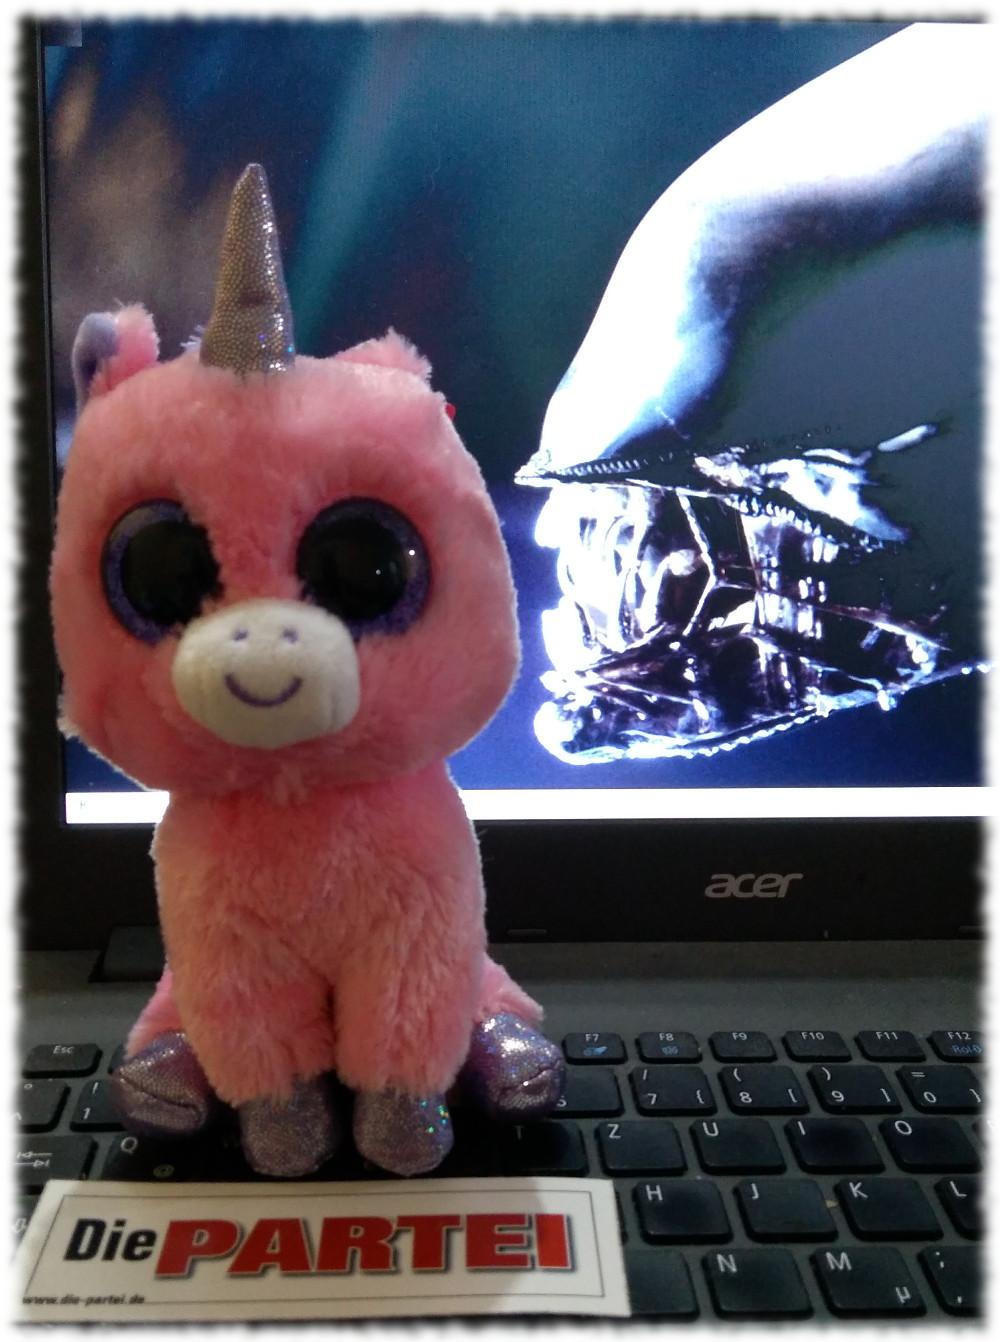 Rosa Plüsch-Babyeinhorn auf Notebook, im Hintergrund Desktop mit im Zuschnappen begriffenem Alien.